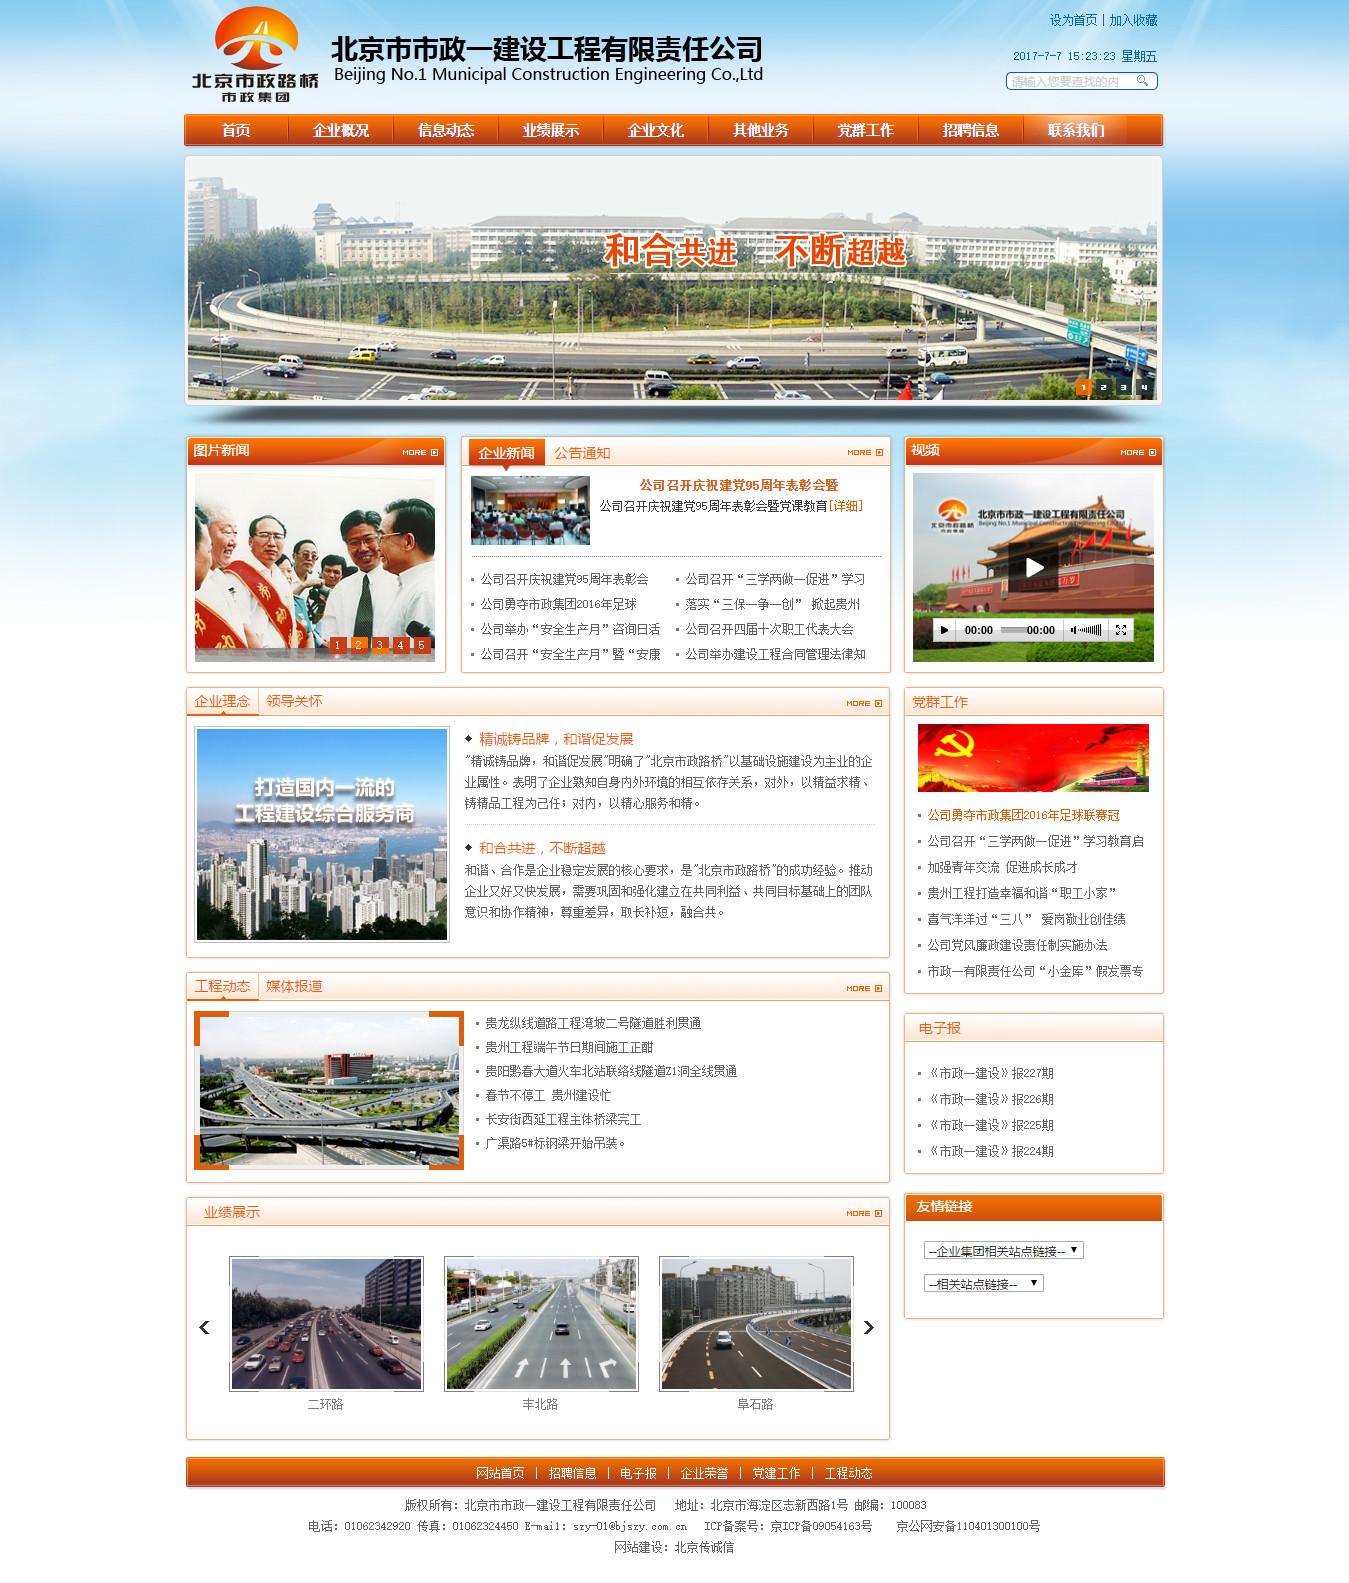 北京市市政一建设工程有限责任公司